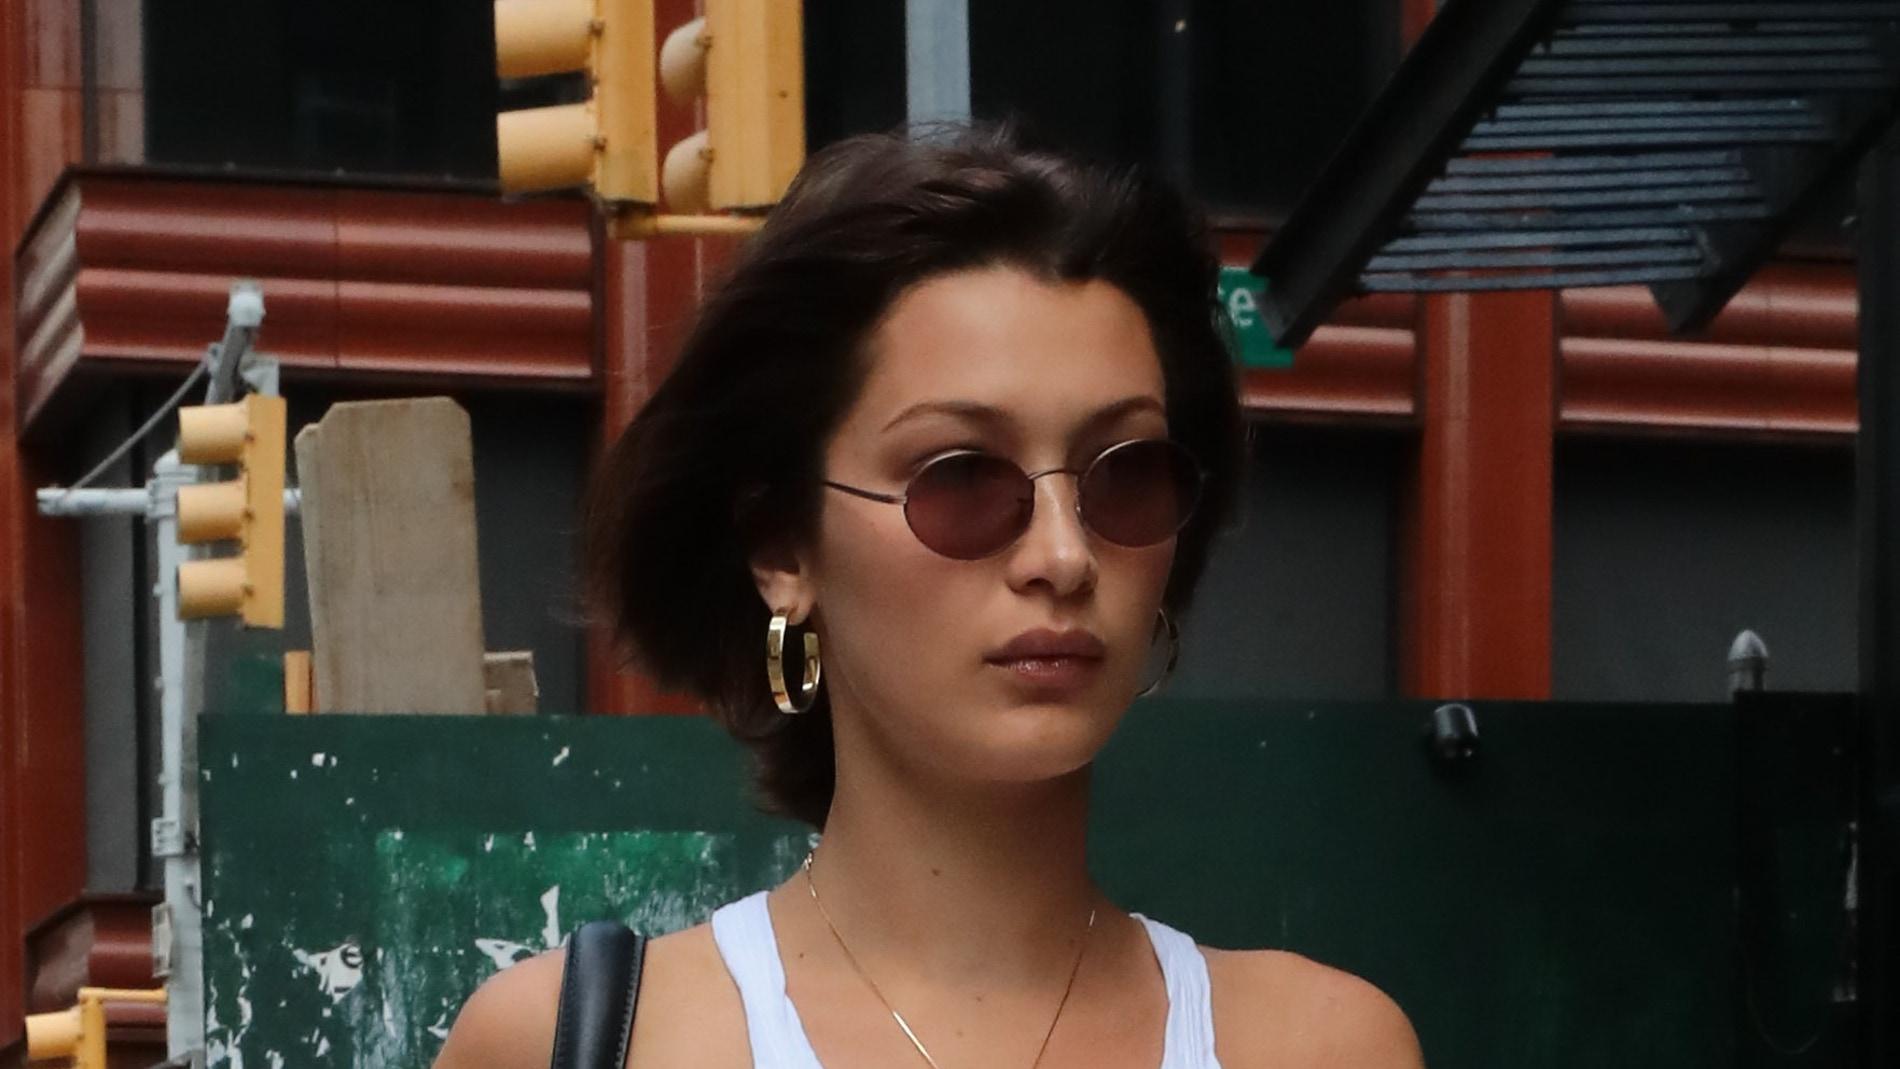 El corte de pelo y la camiseta XS de Bella Hadid